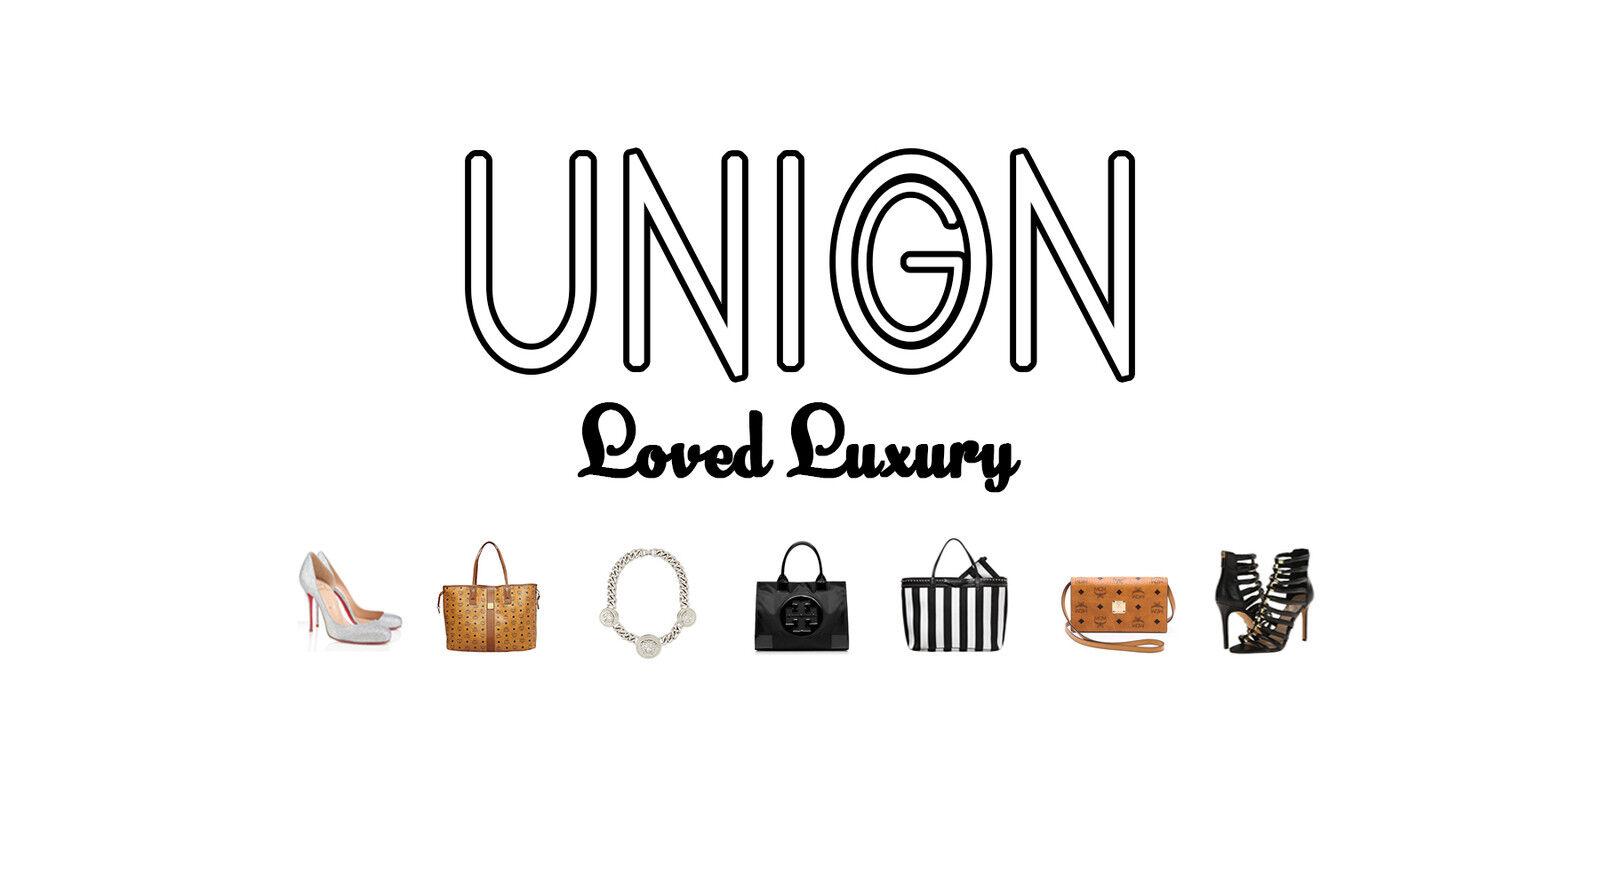 Union G